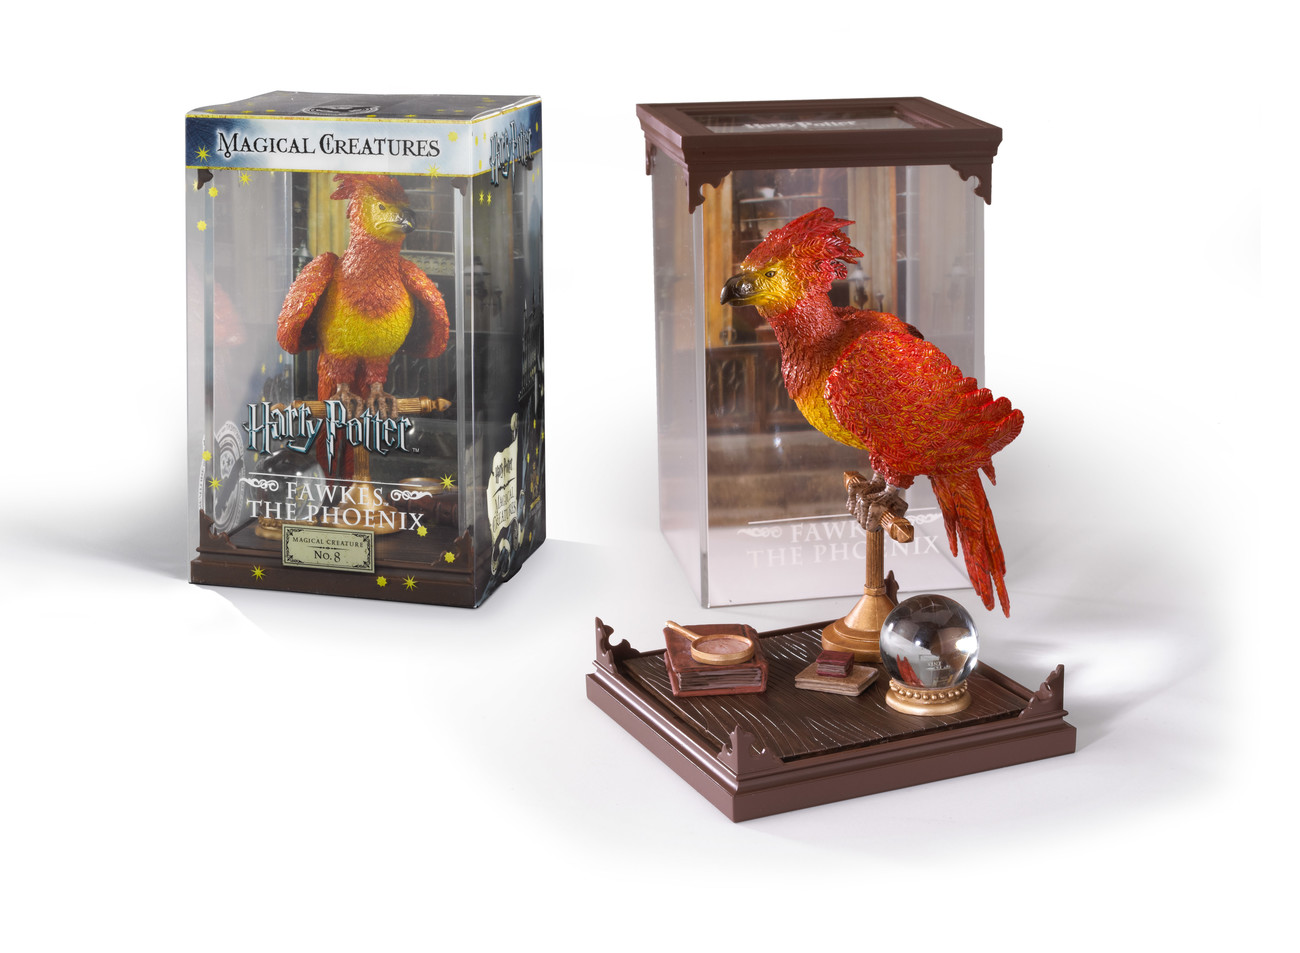 33cm Sammelobjekt Harry Potter Fawkes Die Pheonix Sammler Kuscheltier